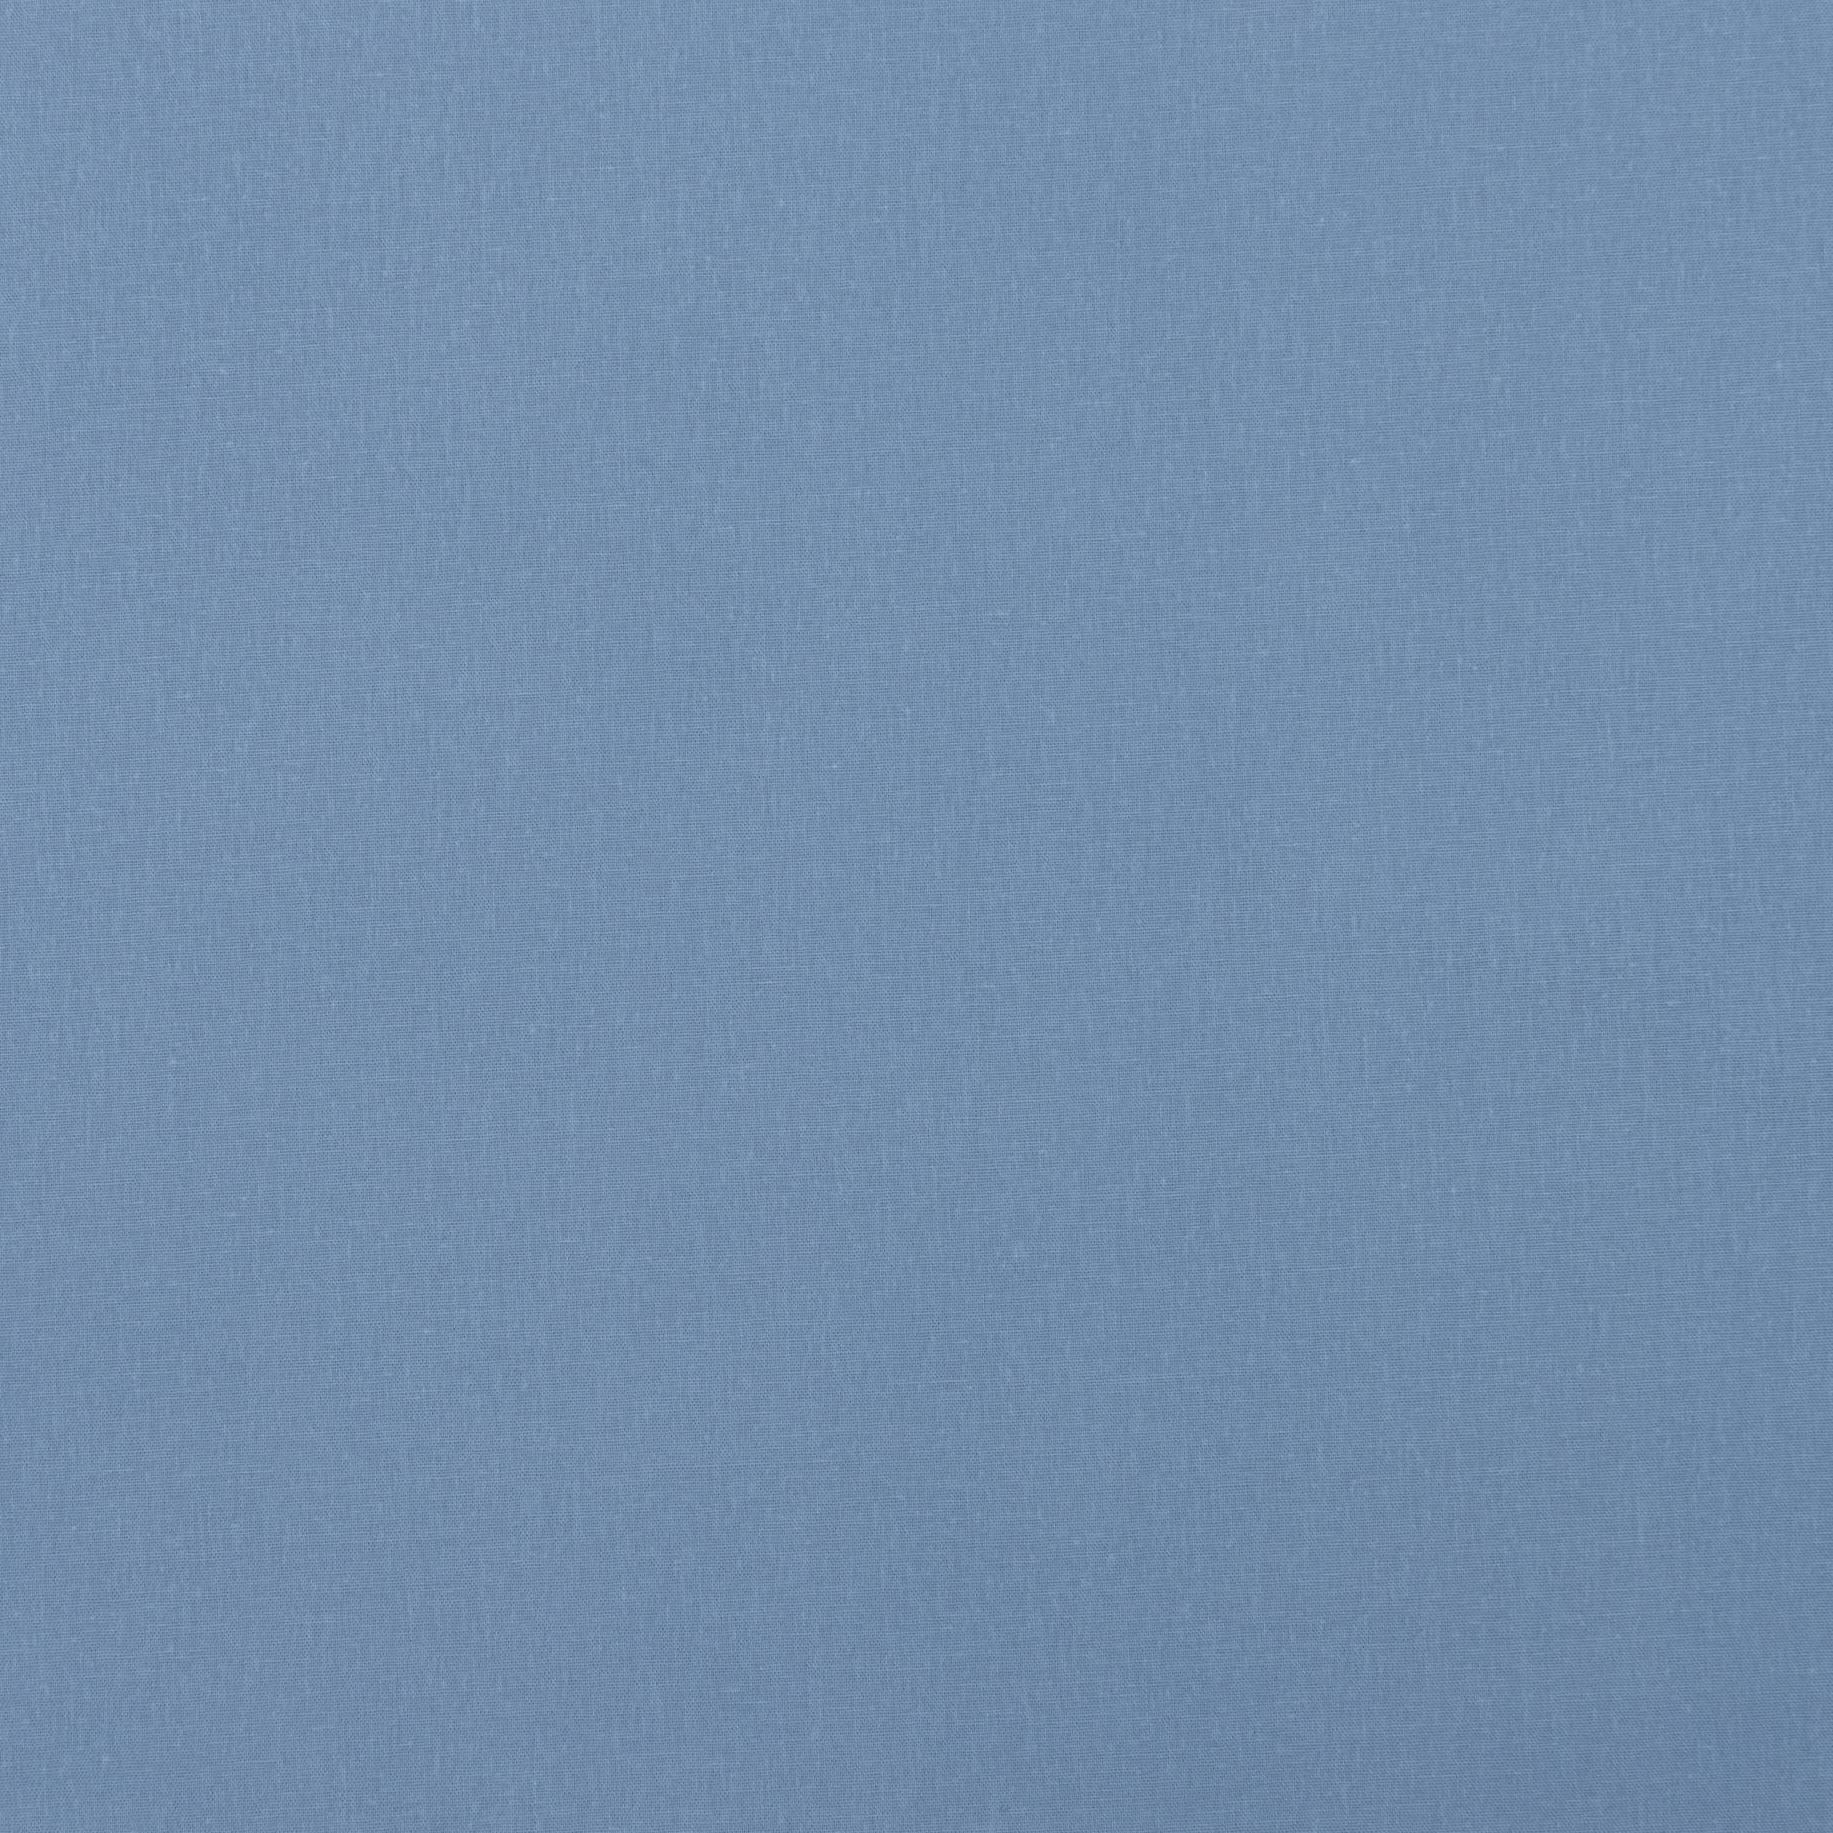 Бязь гладкокрашеная, голубой, плотность 120, 50x55, хлопок 100%